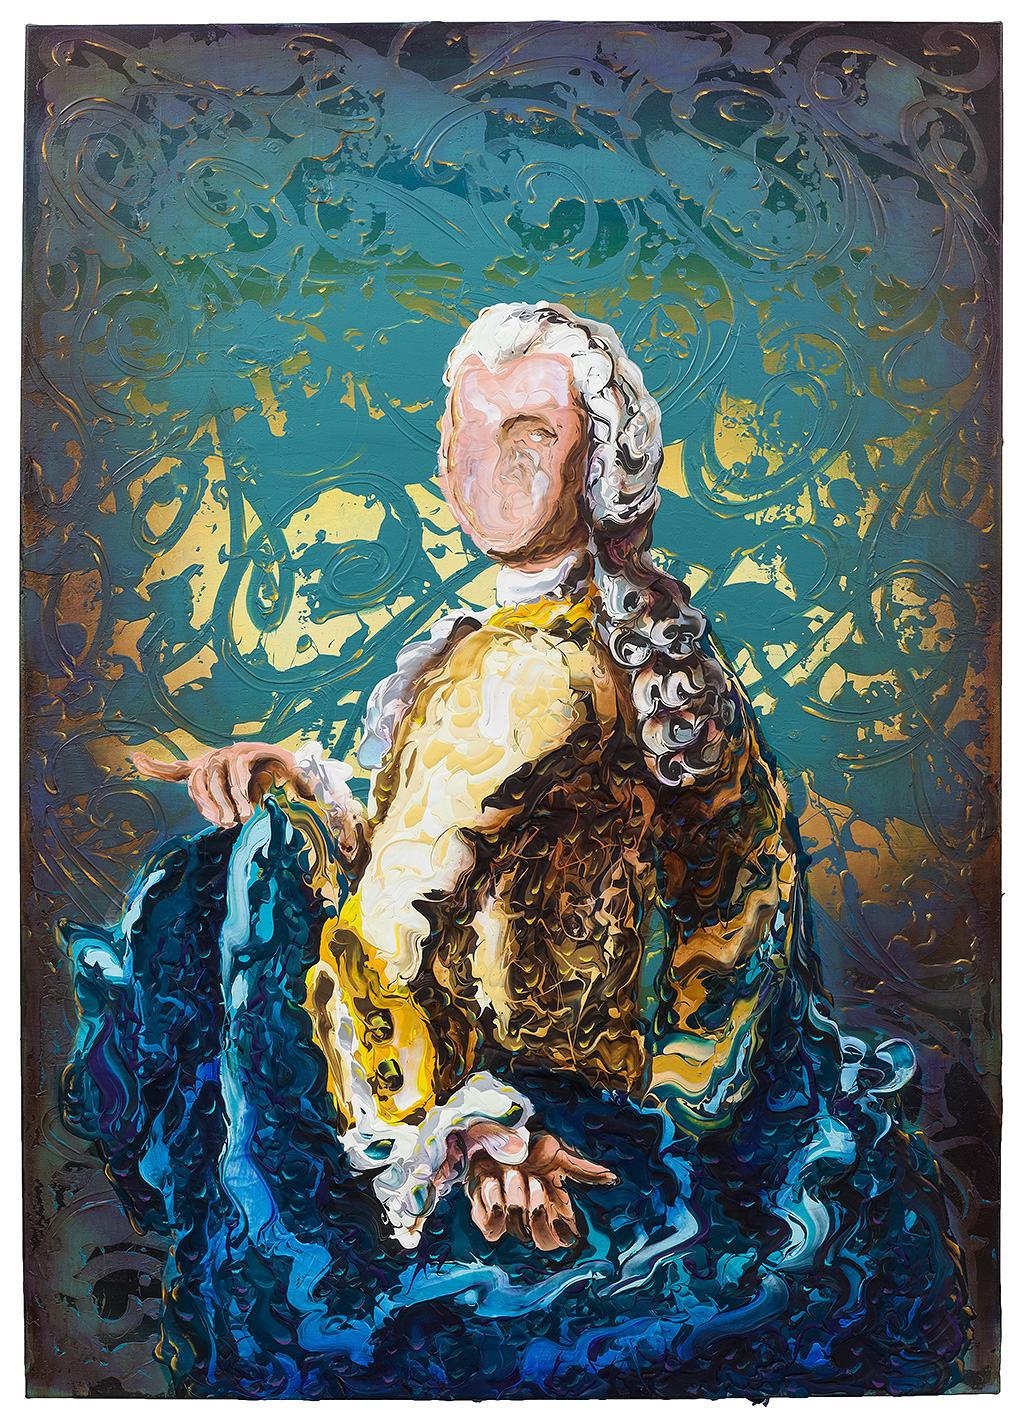 Lennart-Grau-foreshadow-180x130cm.jpg